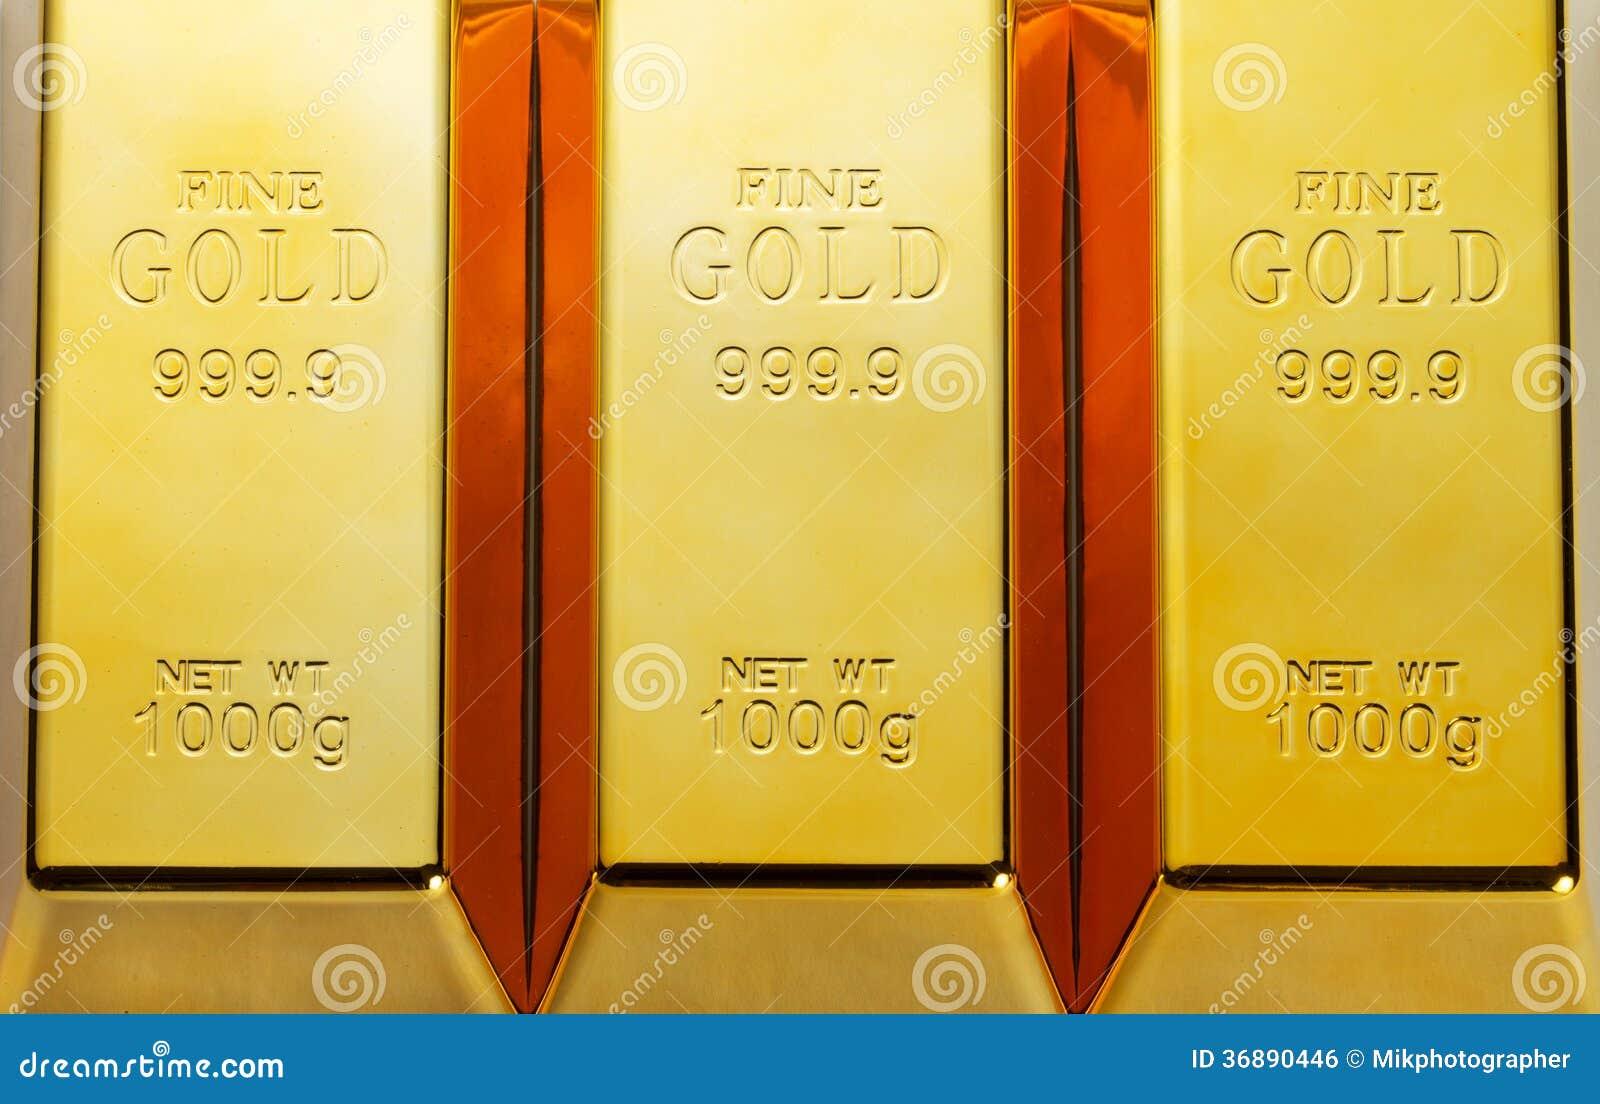 Download Barre di oro illustrazione di stock. Illustrazione di riserva - 36890446